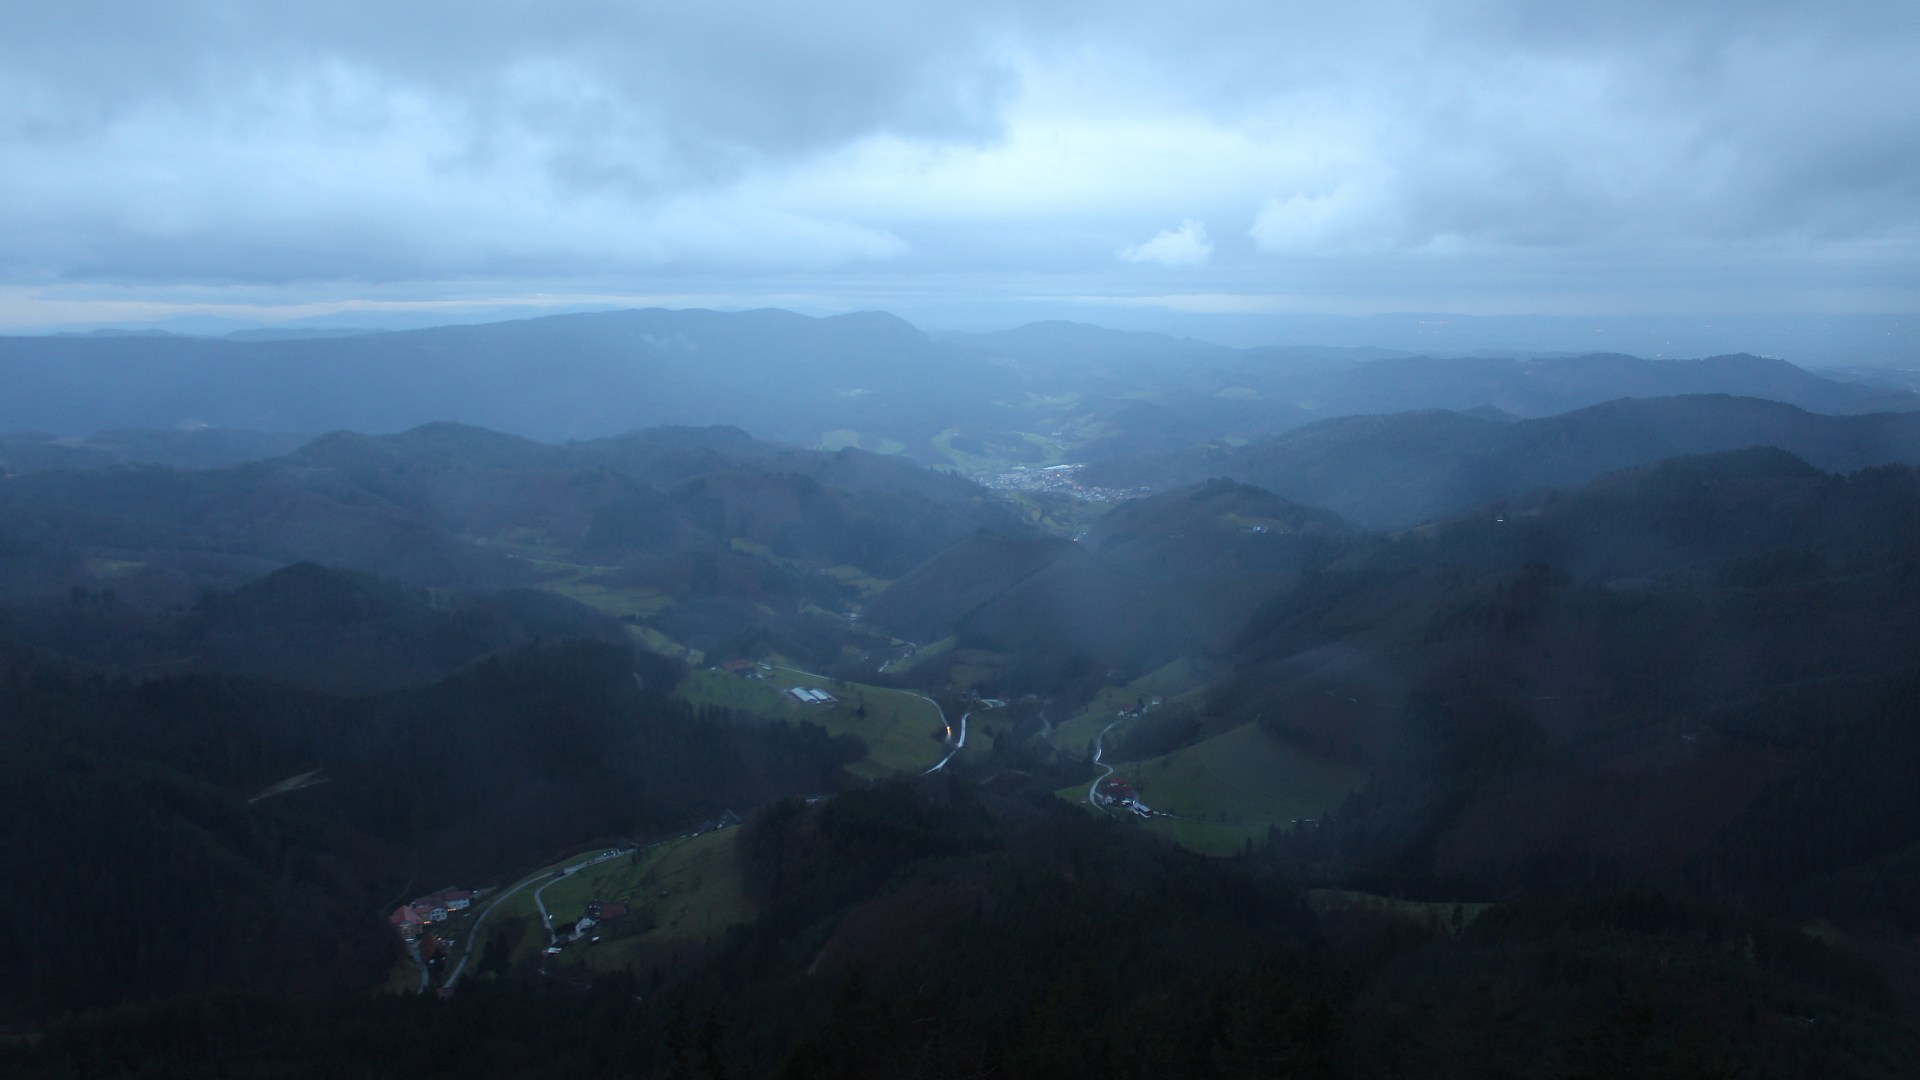 Aufnahme: Buchkopfturm vom 08.12.2019 16:30